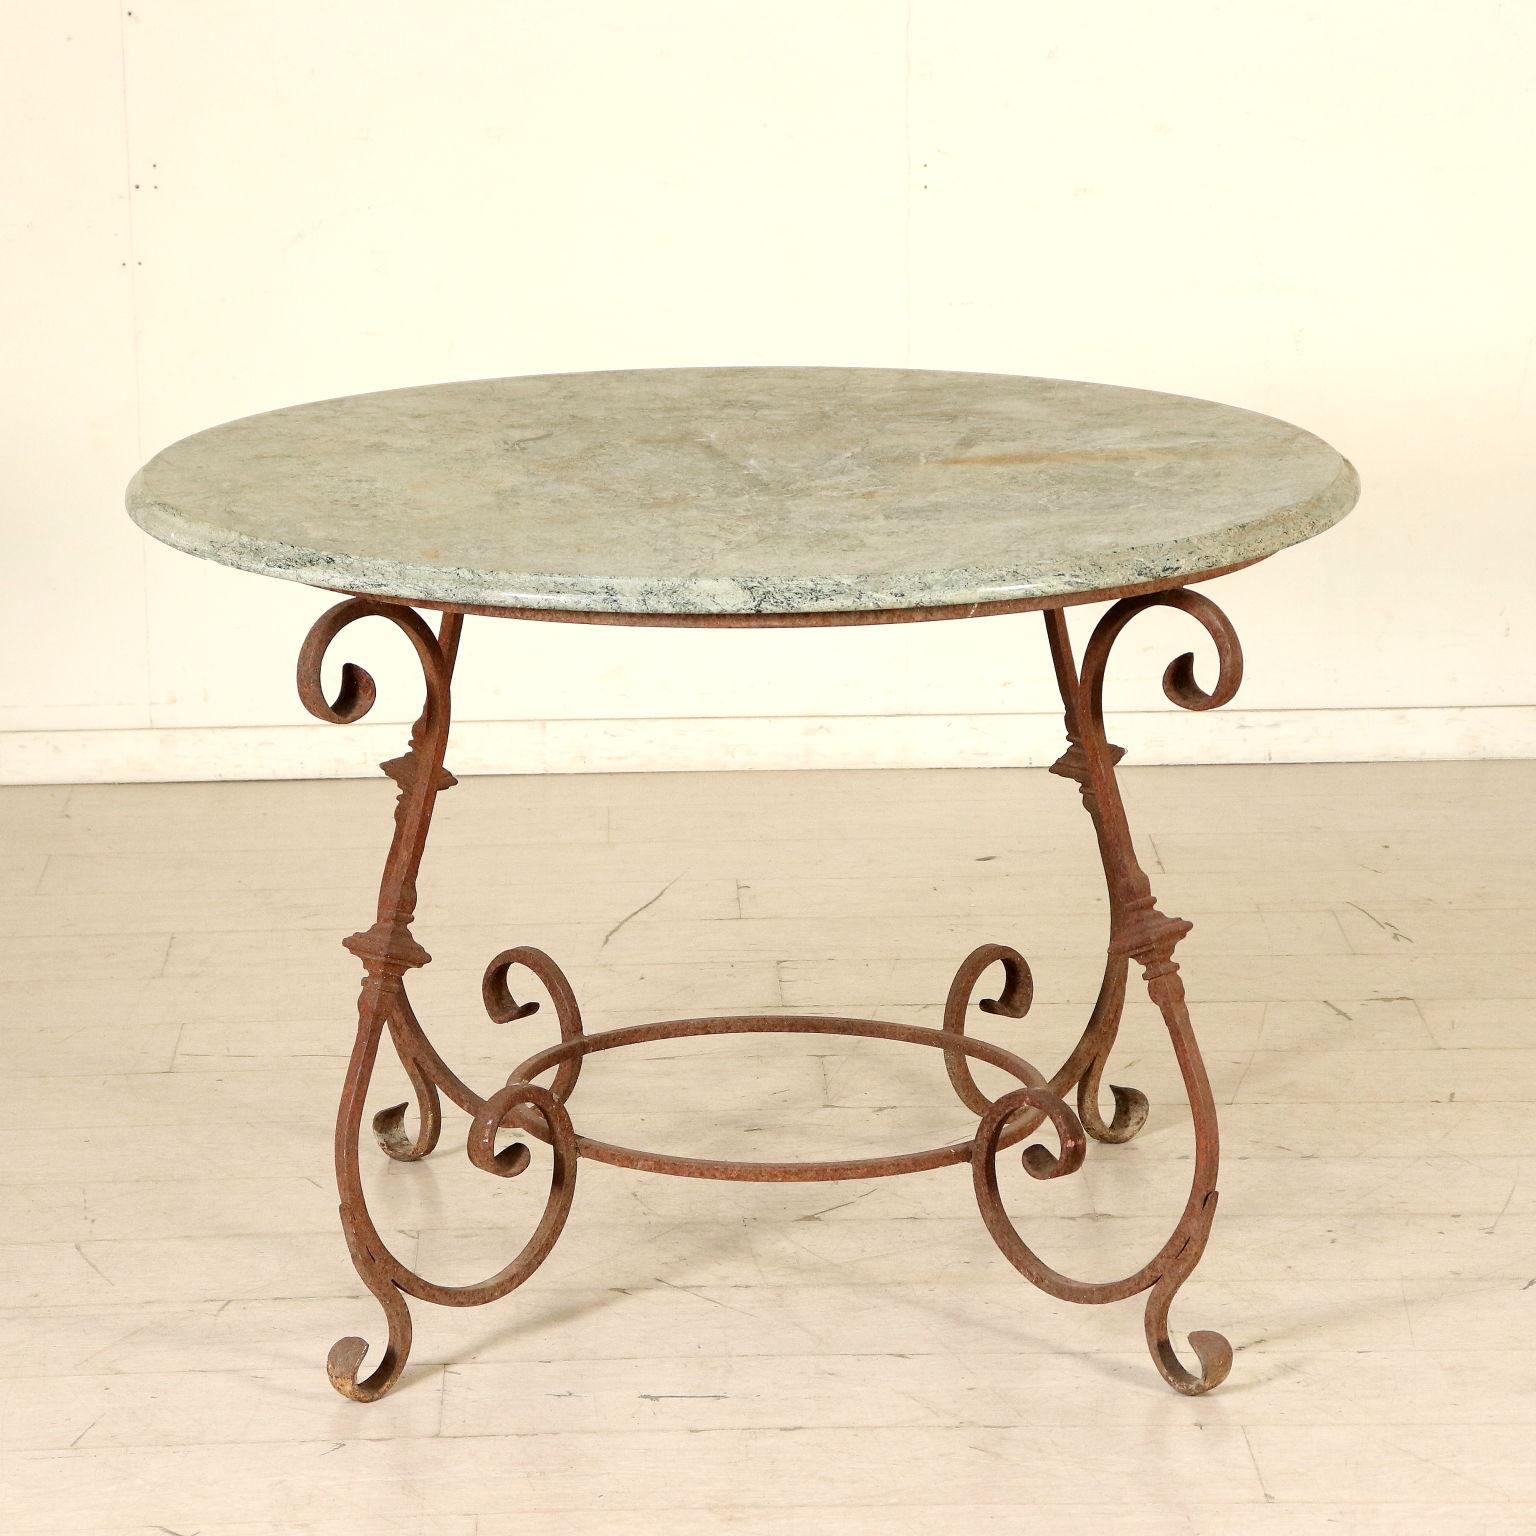 Table Et 4 Chaises Fer Forgé Marbre Italie Xxeme Siècle ... concernant Table Jardin Marbre Fer Forgé